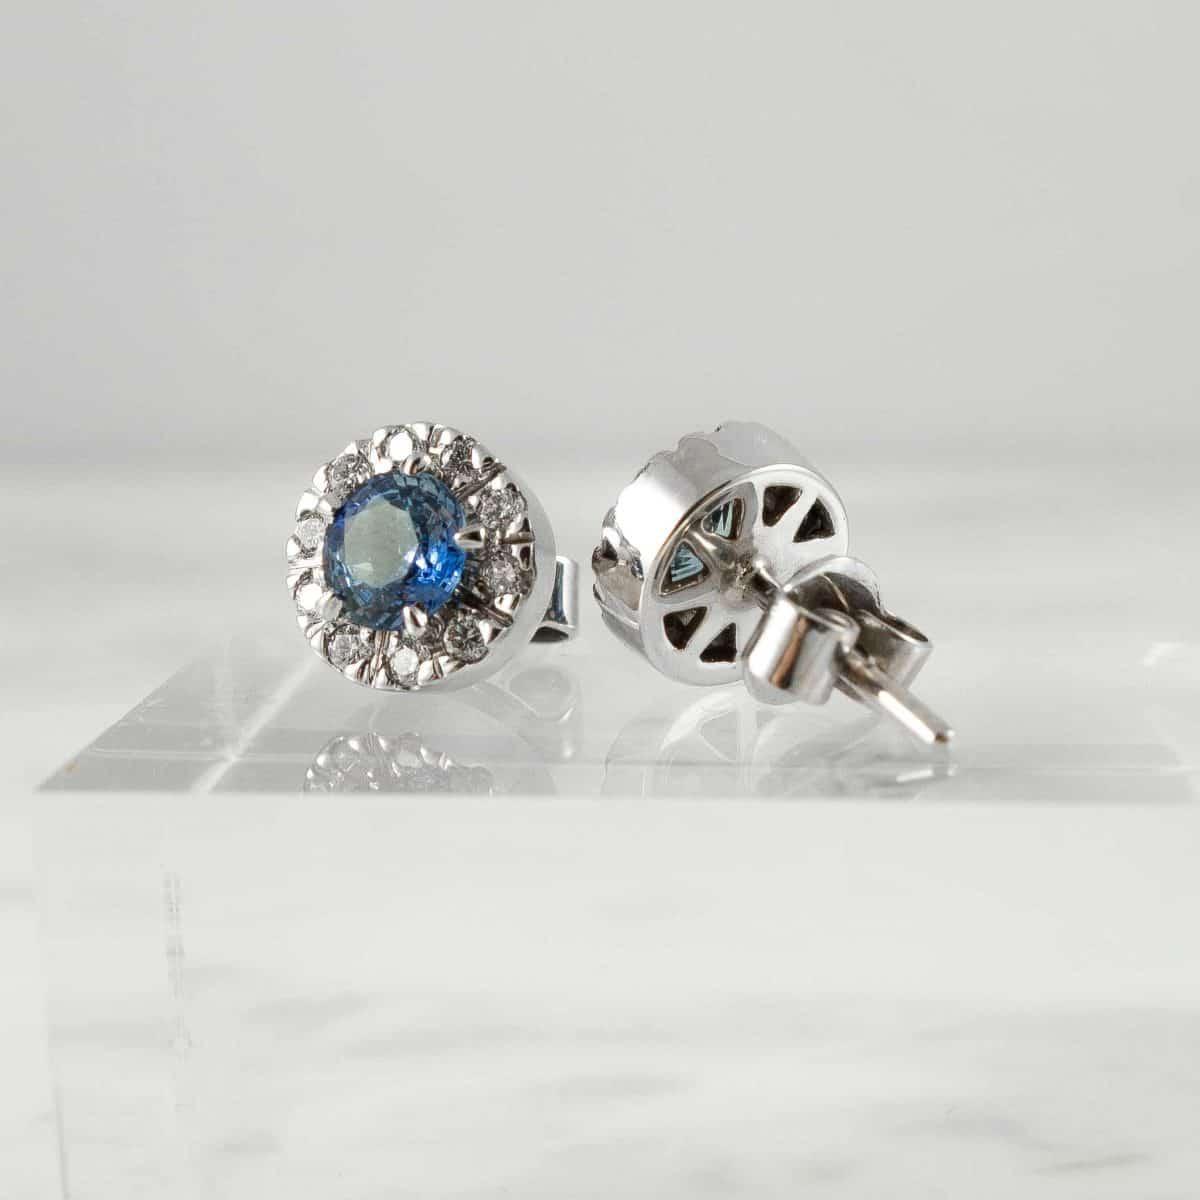 Класически обеци със сапфири и диаманти от колекция Ефир Елеганс